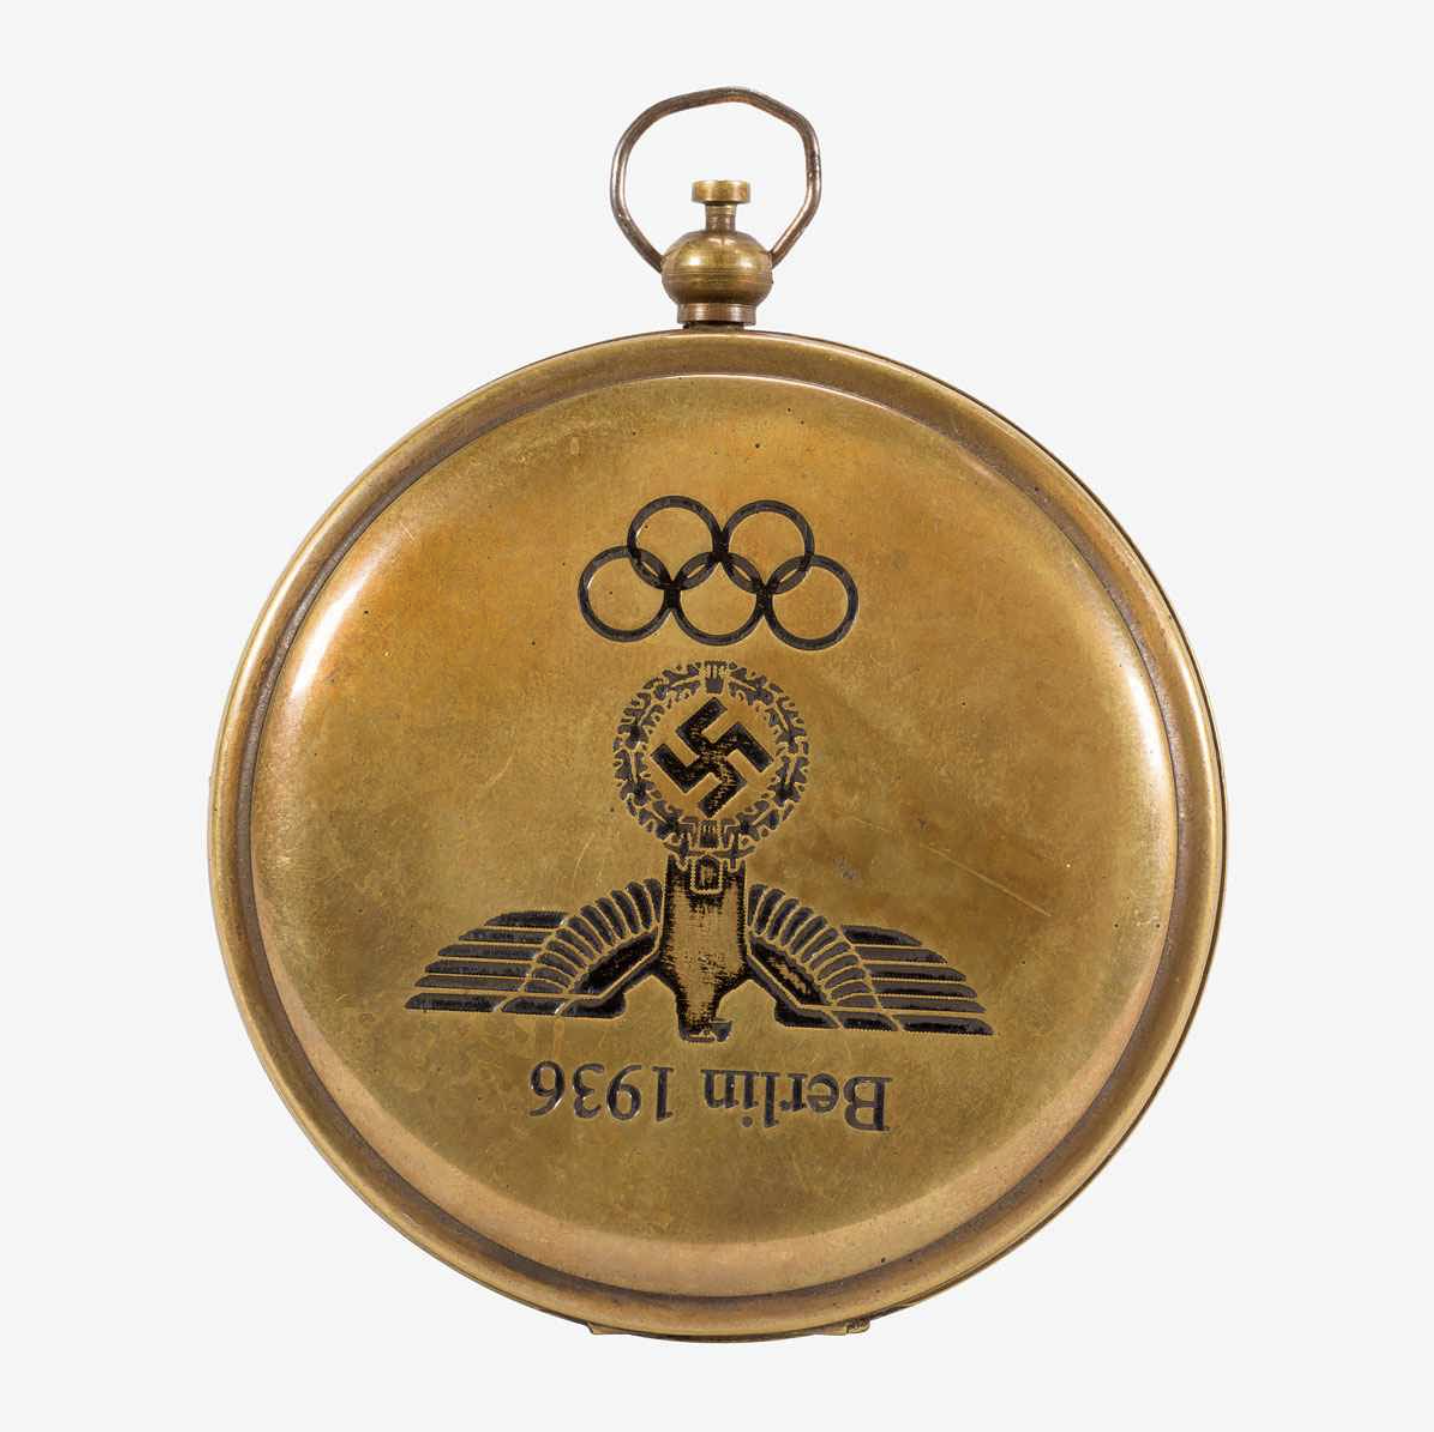 Spelen 1936